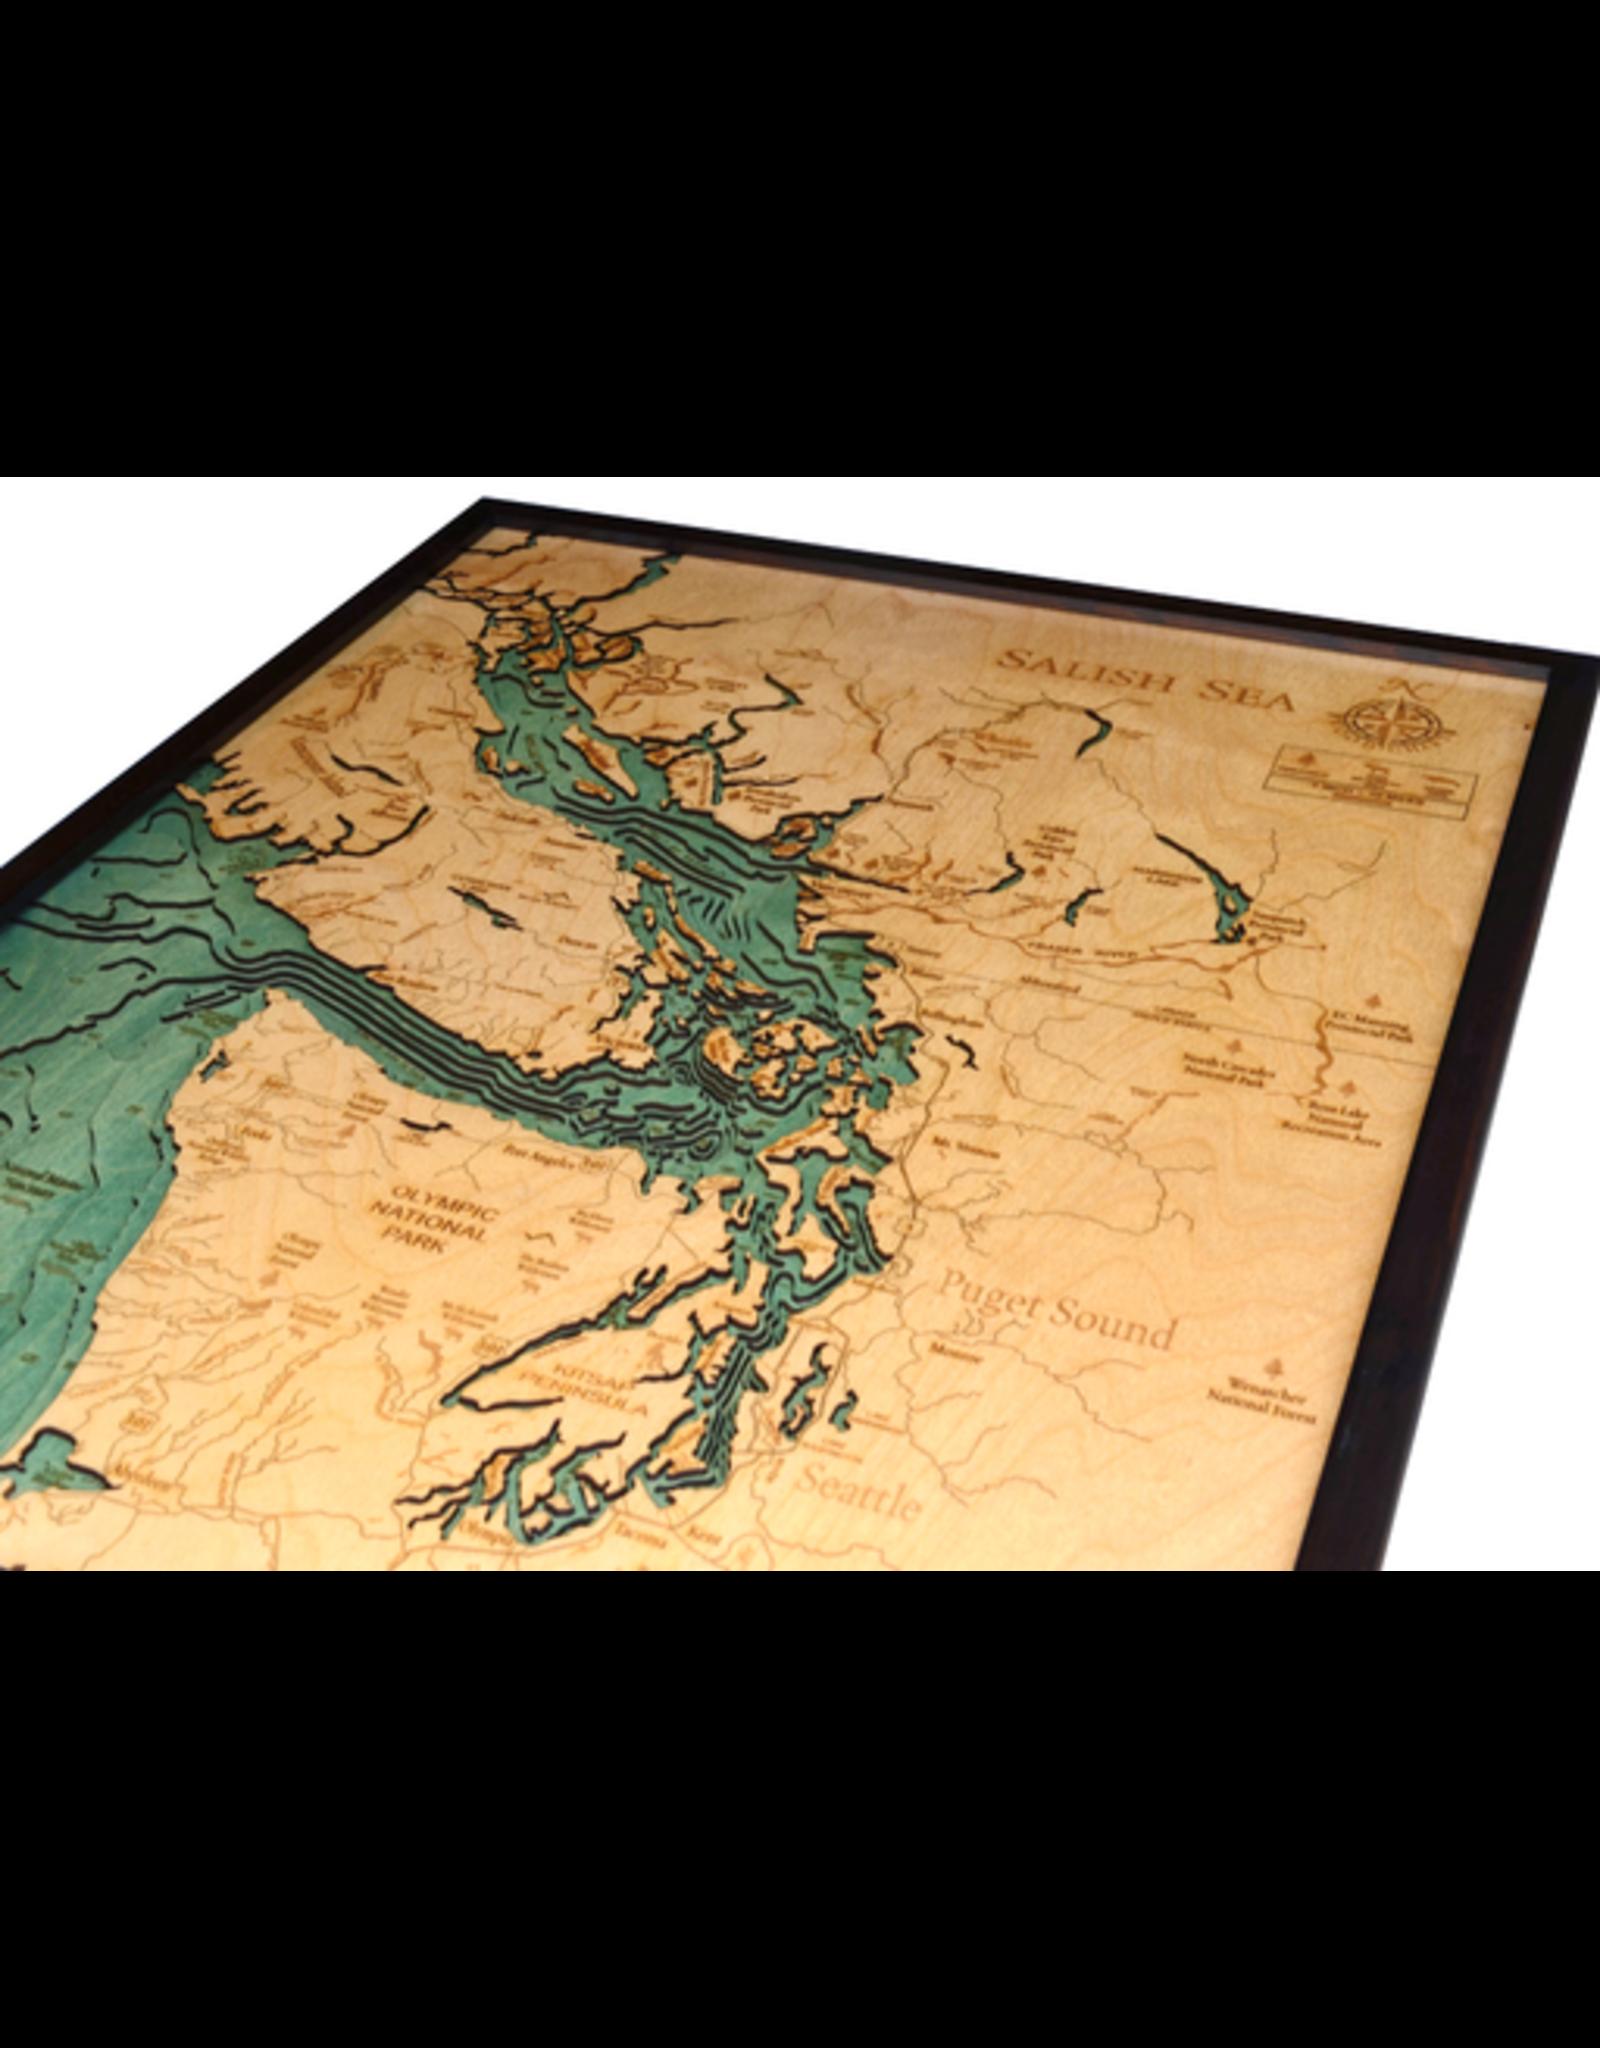 WoodCharts Sailish Sea, WA (Bathymetric 3-D Nautical WOODCHART)